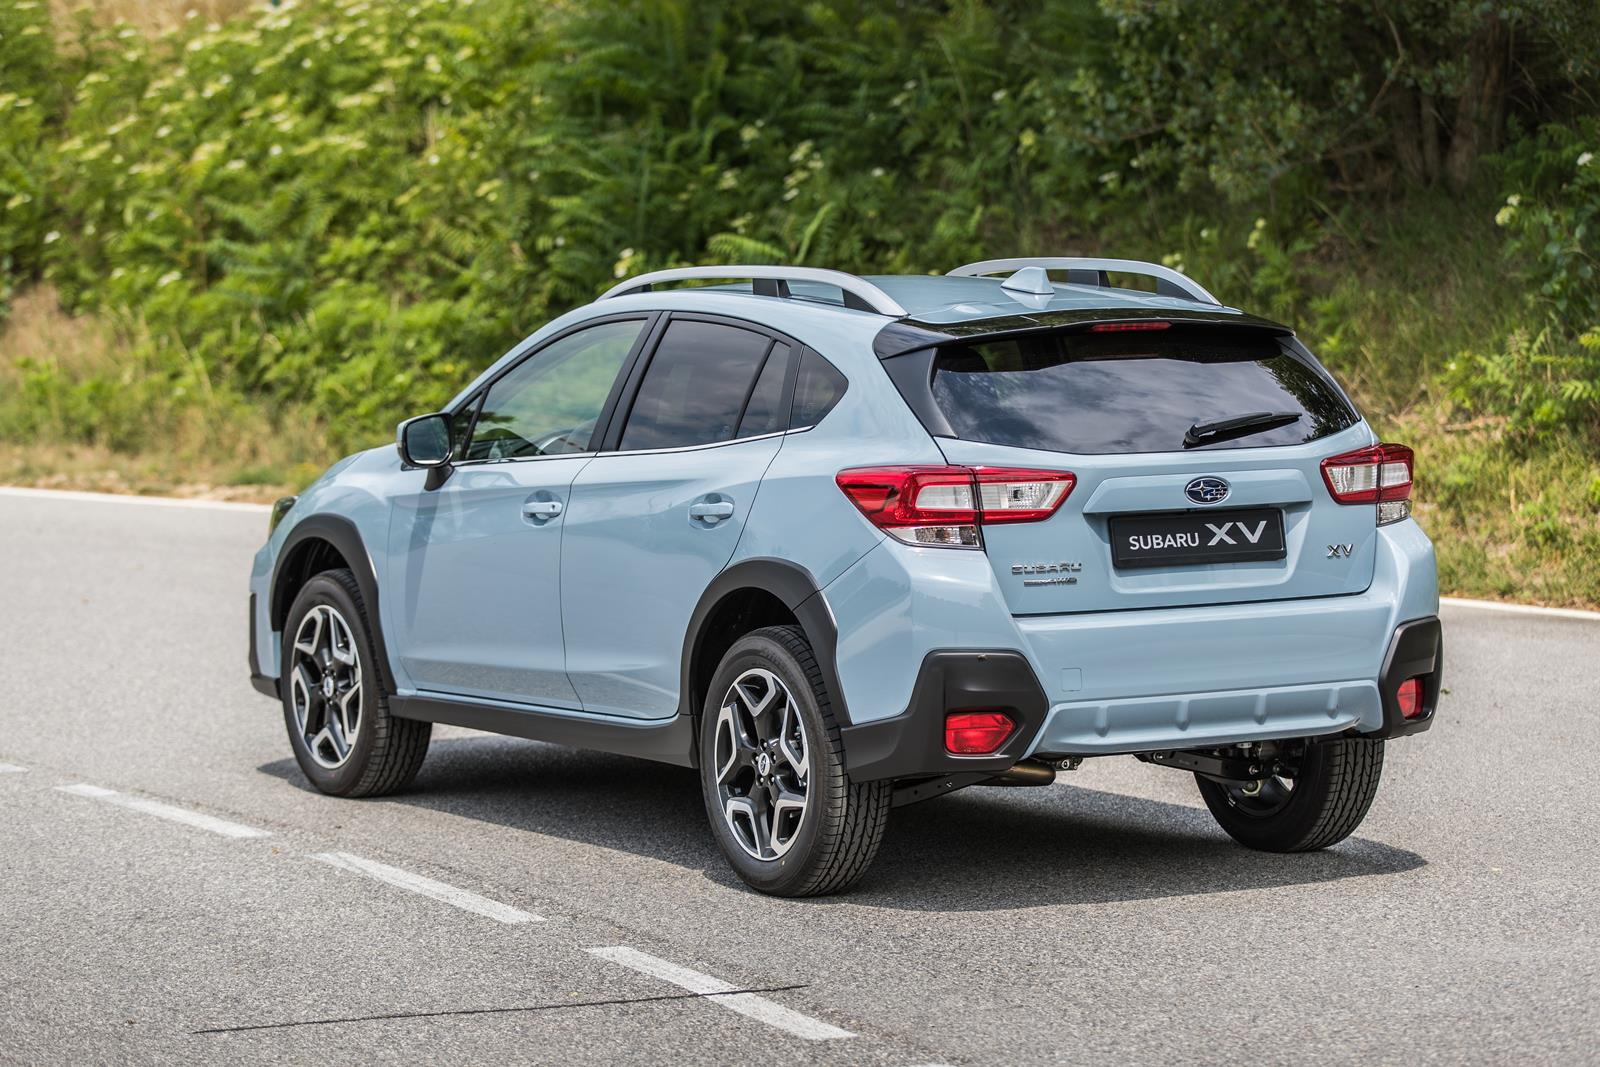 Subaru-XV-2018-1049-28.jpg